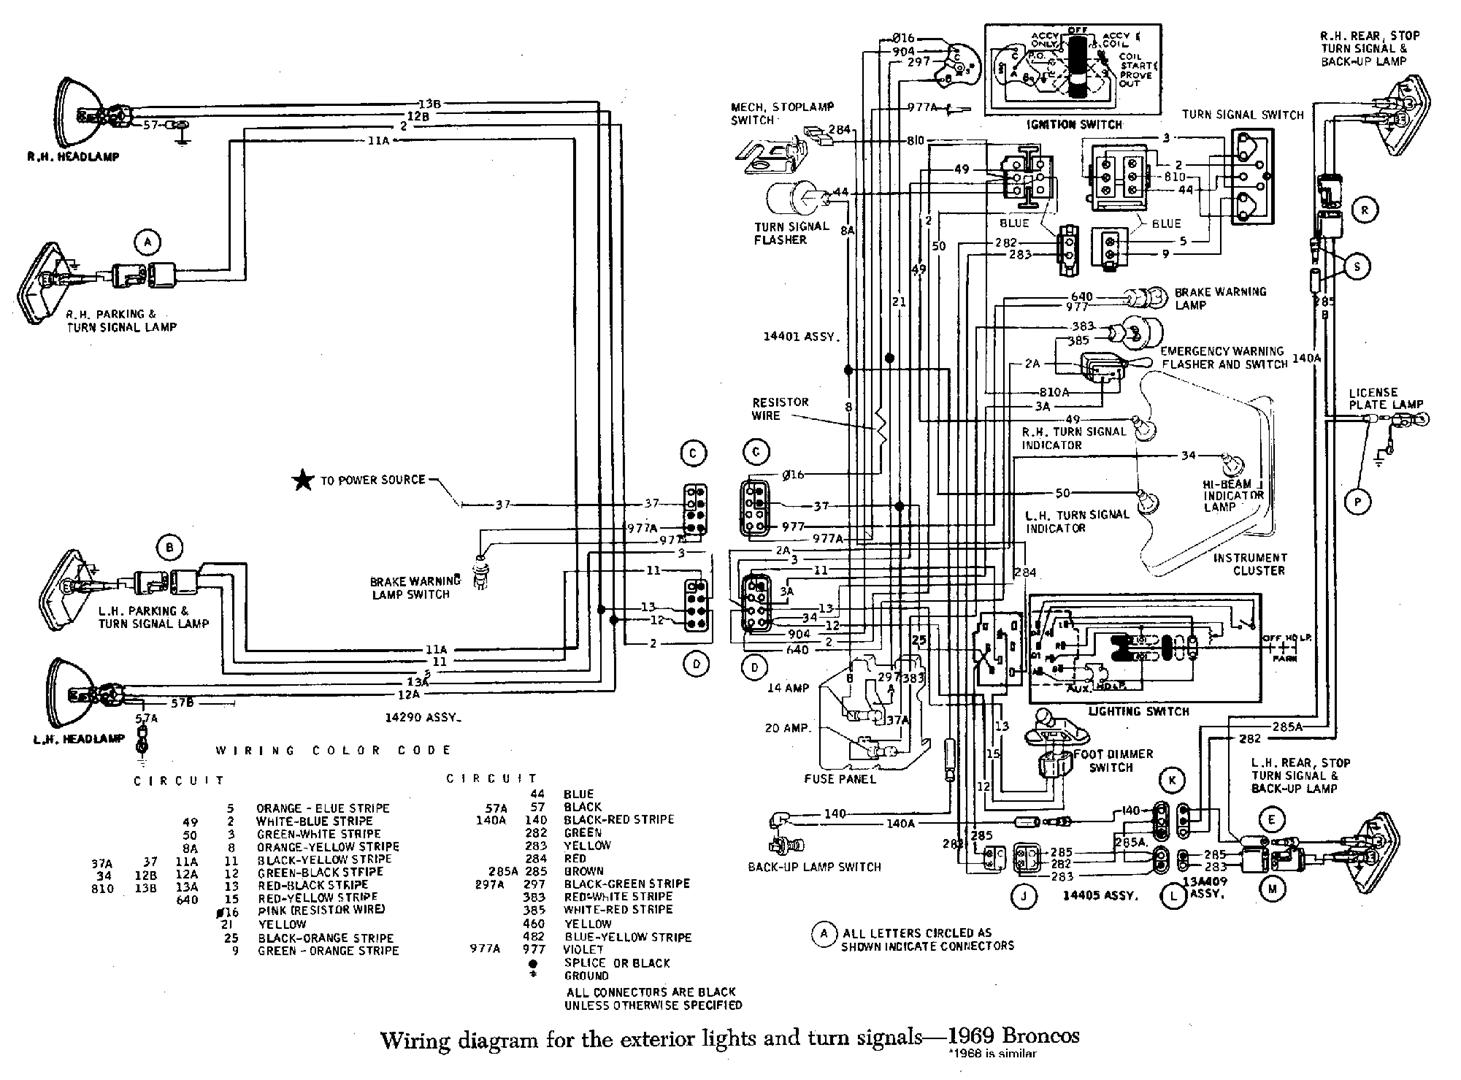 1969 Bronco Wiring Diagram 12 Volt Cigarette Lighter Receptacle Wire Diagram Power Poles Yenpancane Jeanjaures37 Fr